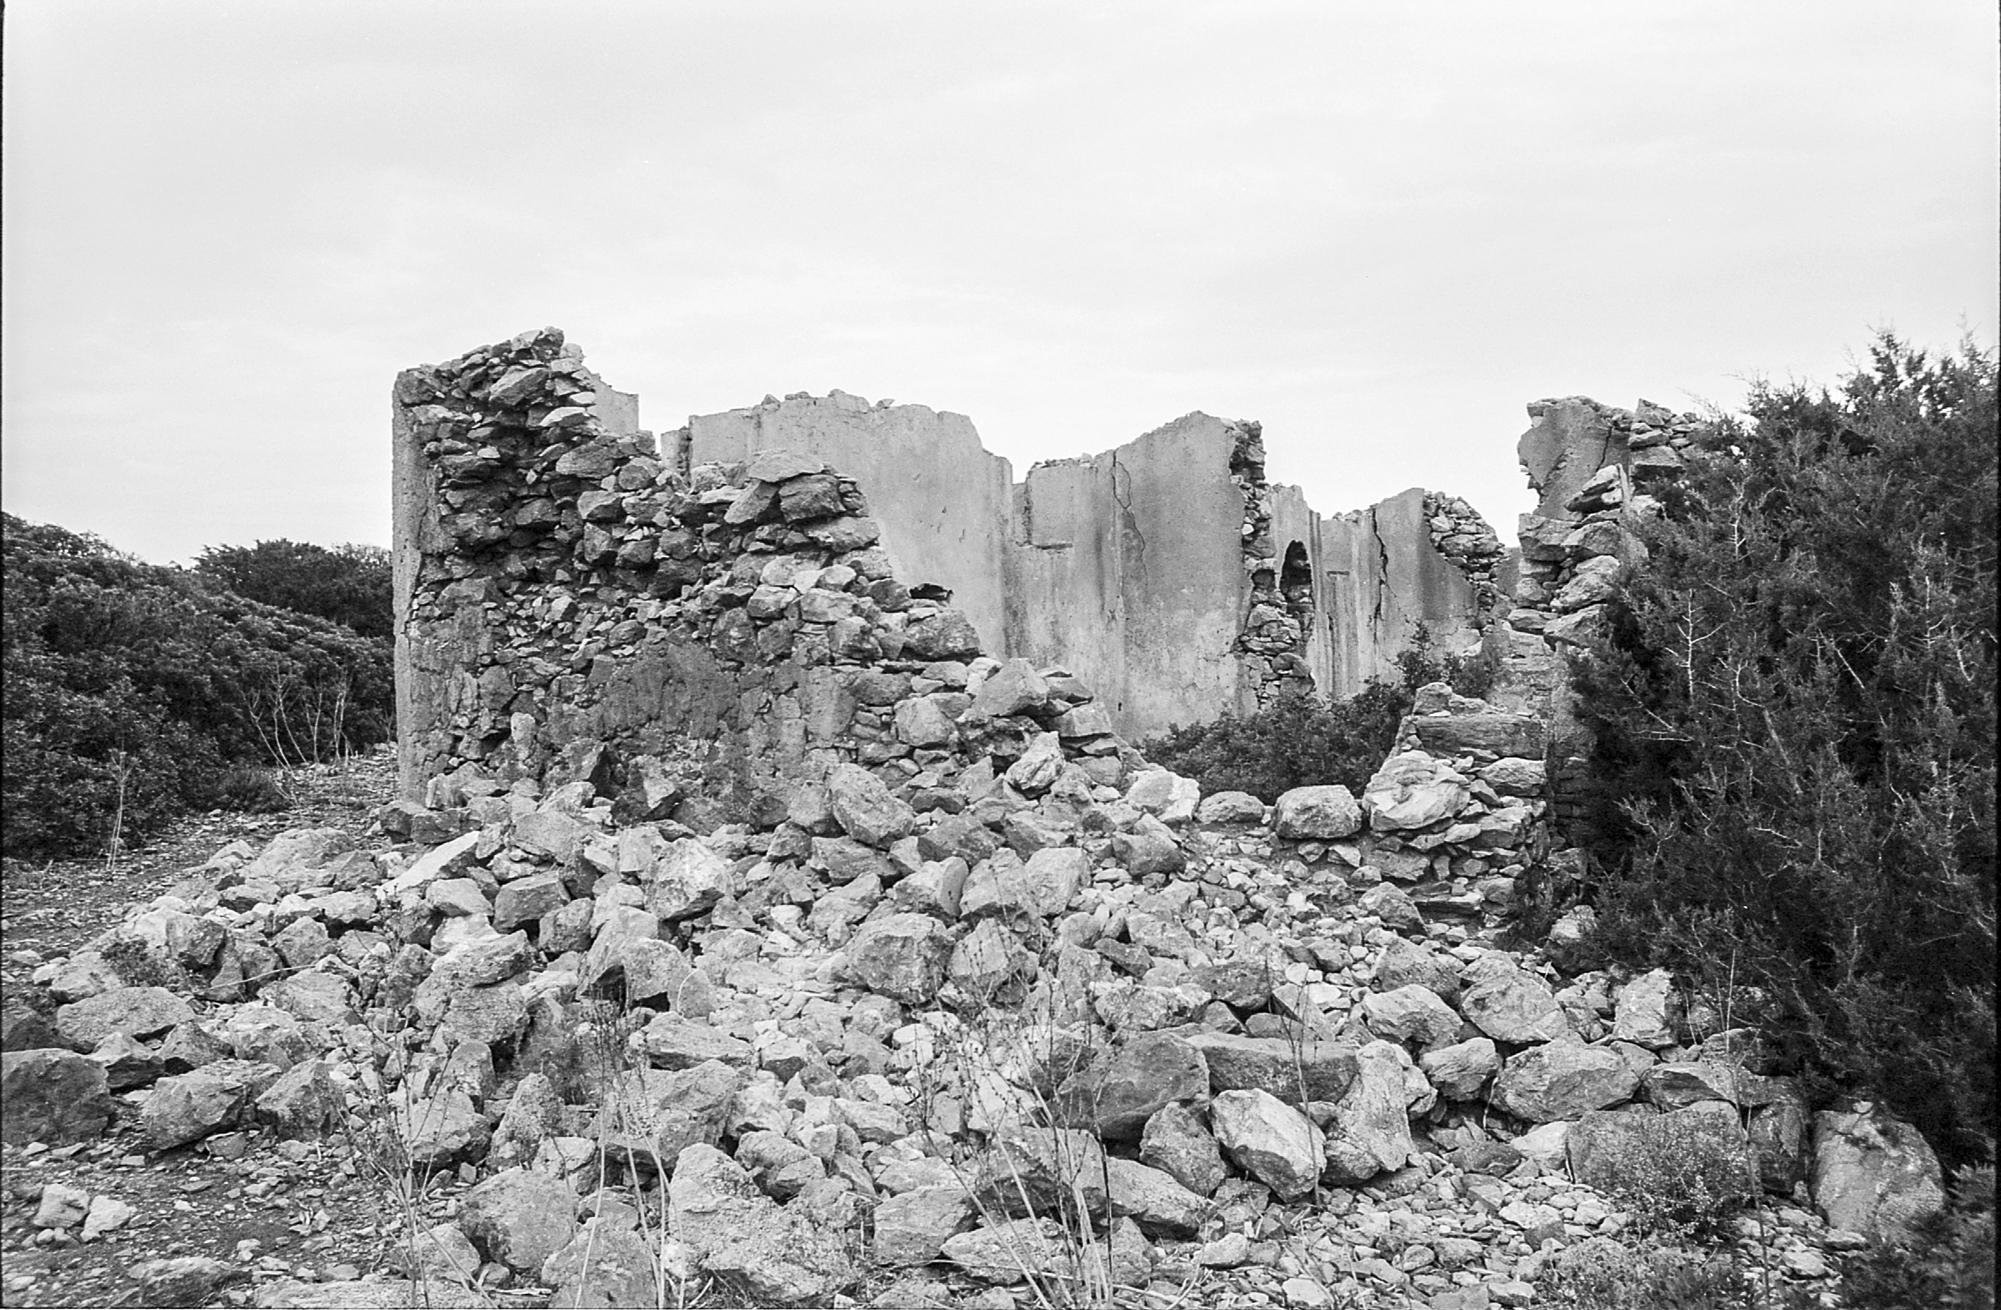 Il rudere di una delle case del villaggio mineraio a Planu SartuJPG